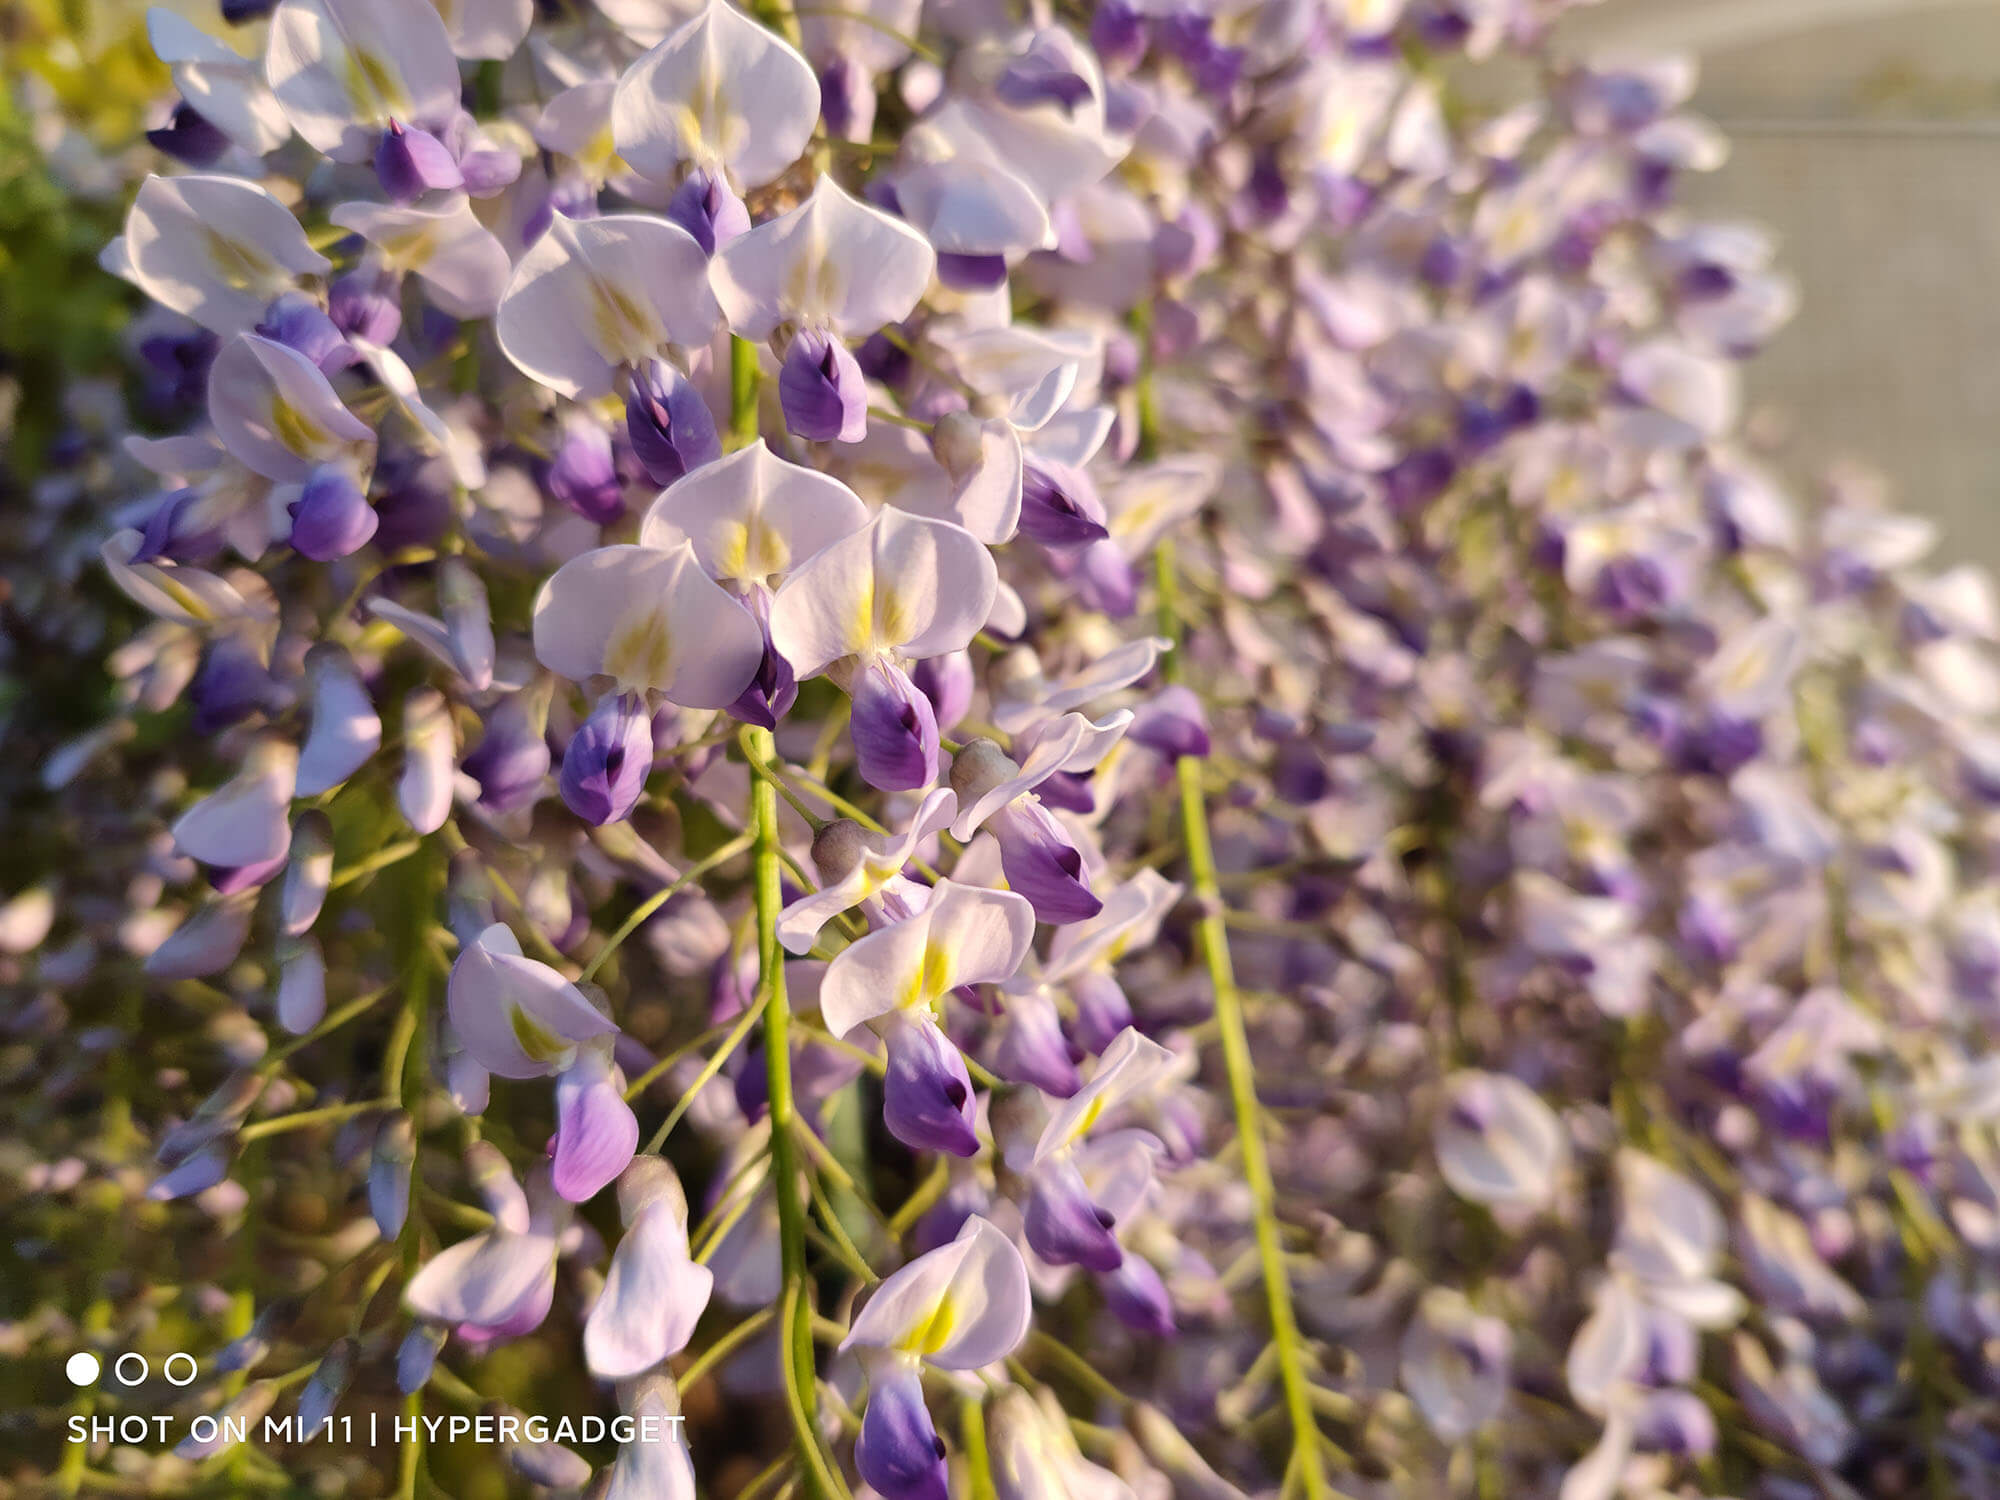 Xiaomi Mi 11で撮影した藤蔓の花